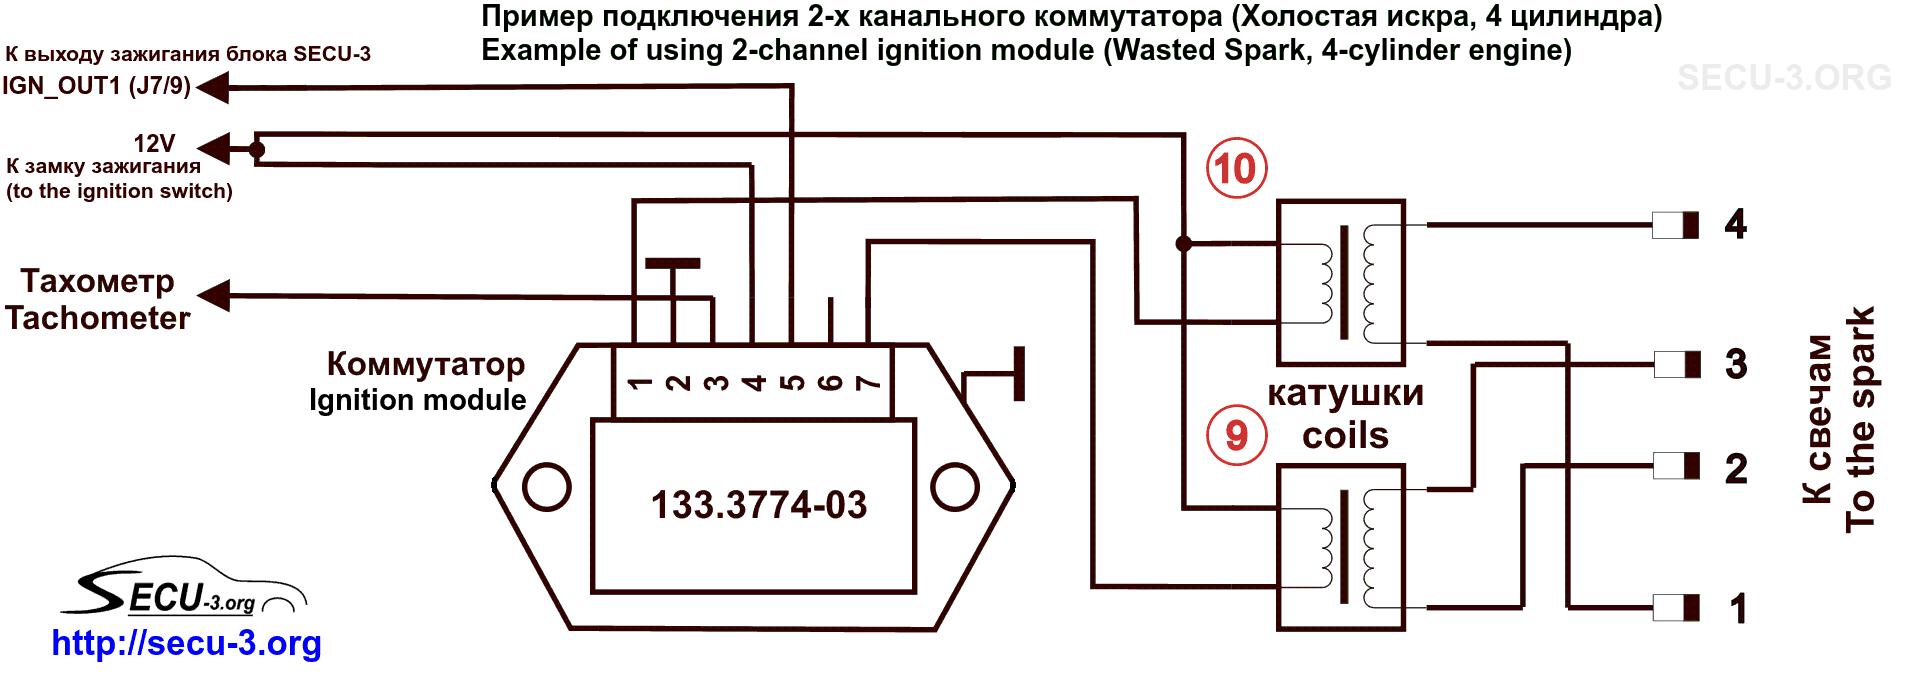 Схемы подключения катушек зажигания